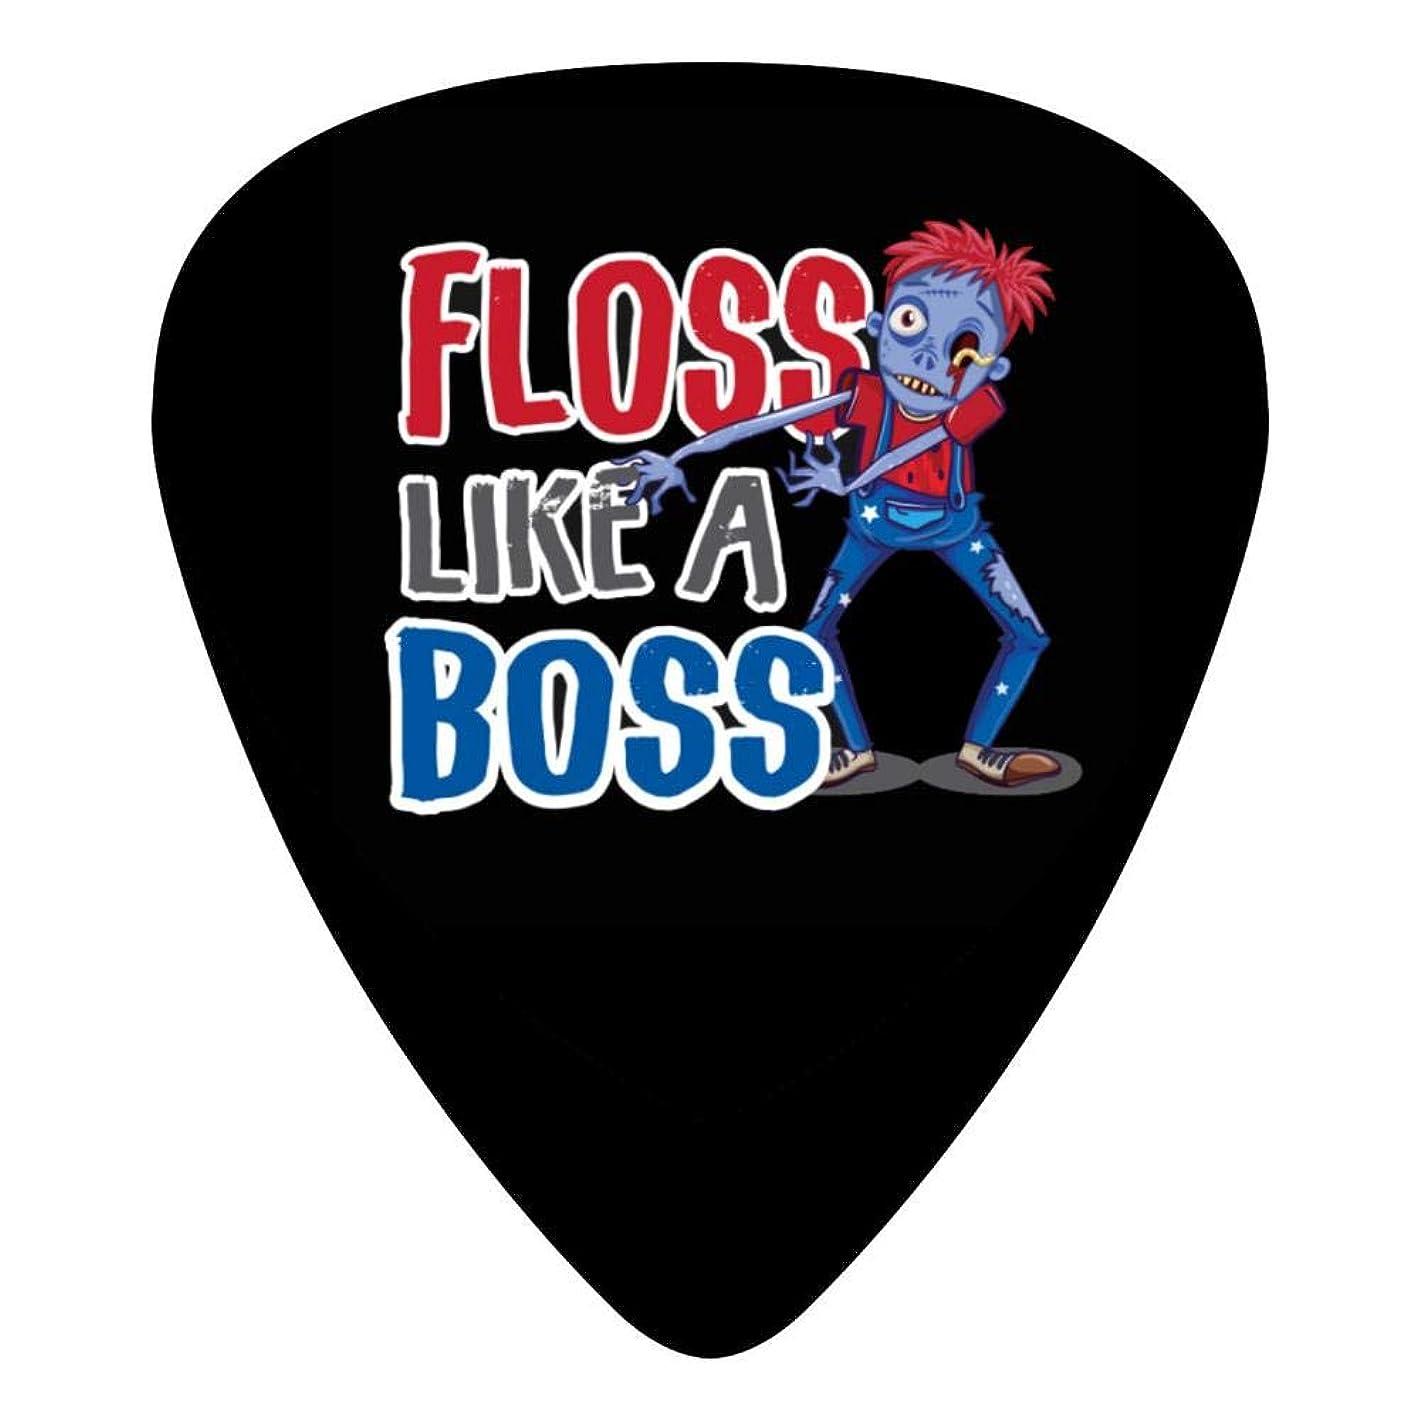 M100% 2018 Floss Like A Boss Dunlop Guitar Picks 12-Pack Celluloid Paddles Plectrums 0.46mm/ 0.71mm/ 0.96mm DIY Fender Guitar Bass